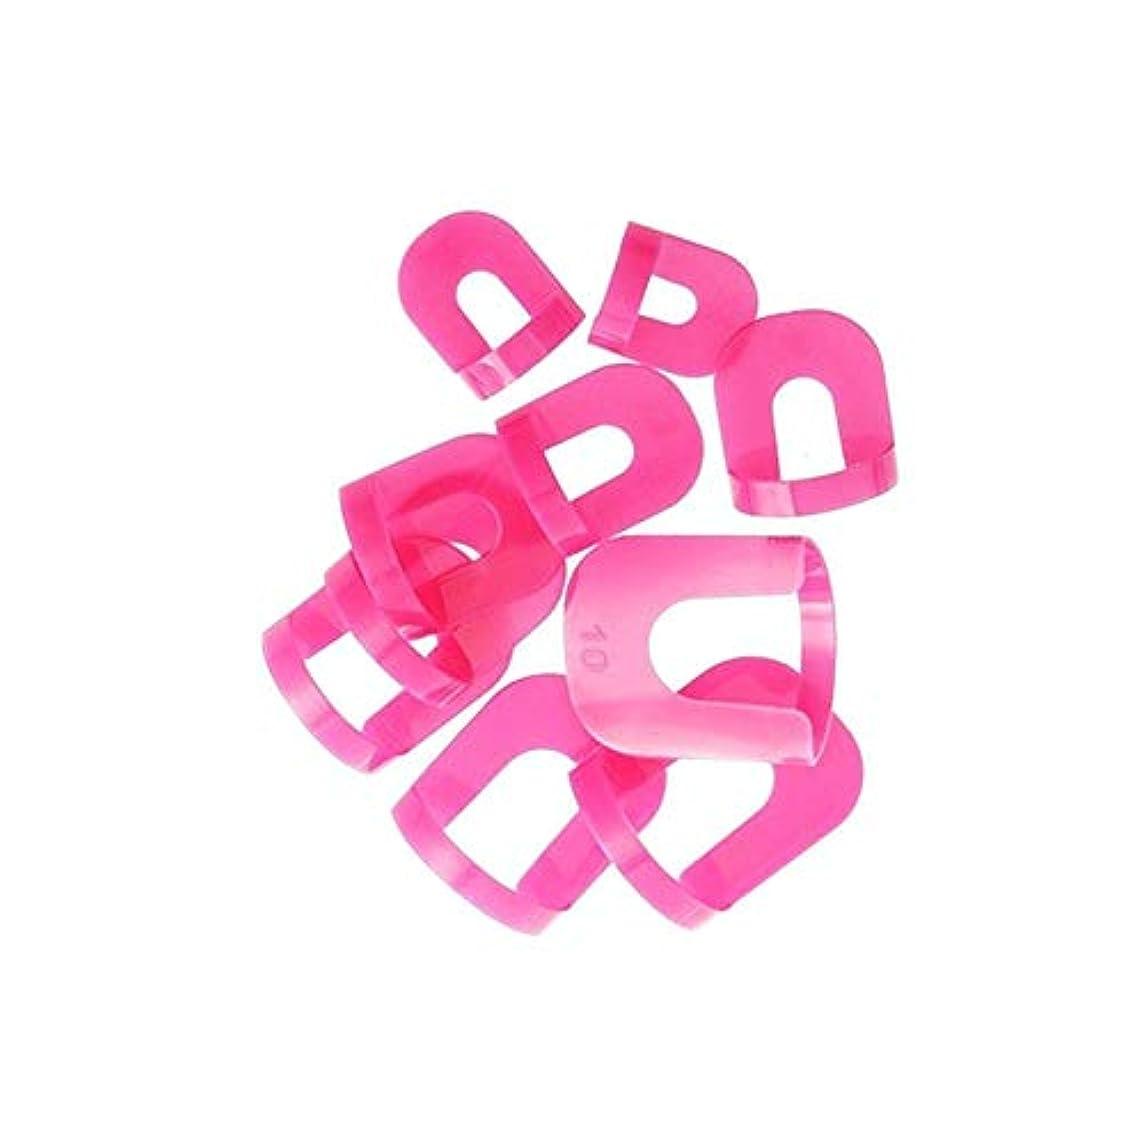 うんざり類似性定義するマニキュア保護テンプレート保護曲線状多指マニキュアの1セット、マニキュアが流出ホルダ10色ランダムサイズの互換性を持って設定します